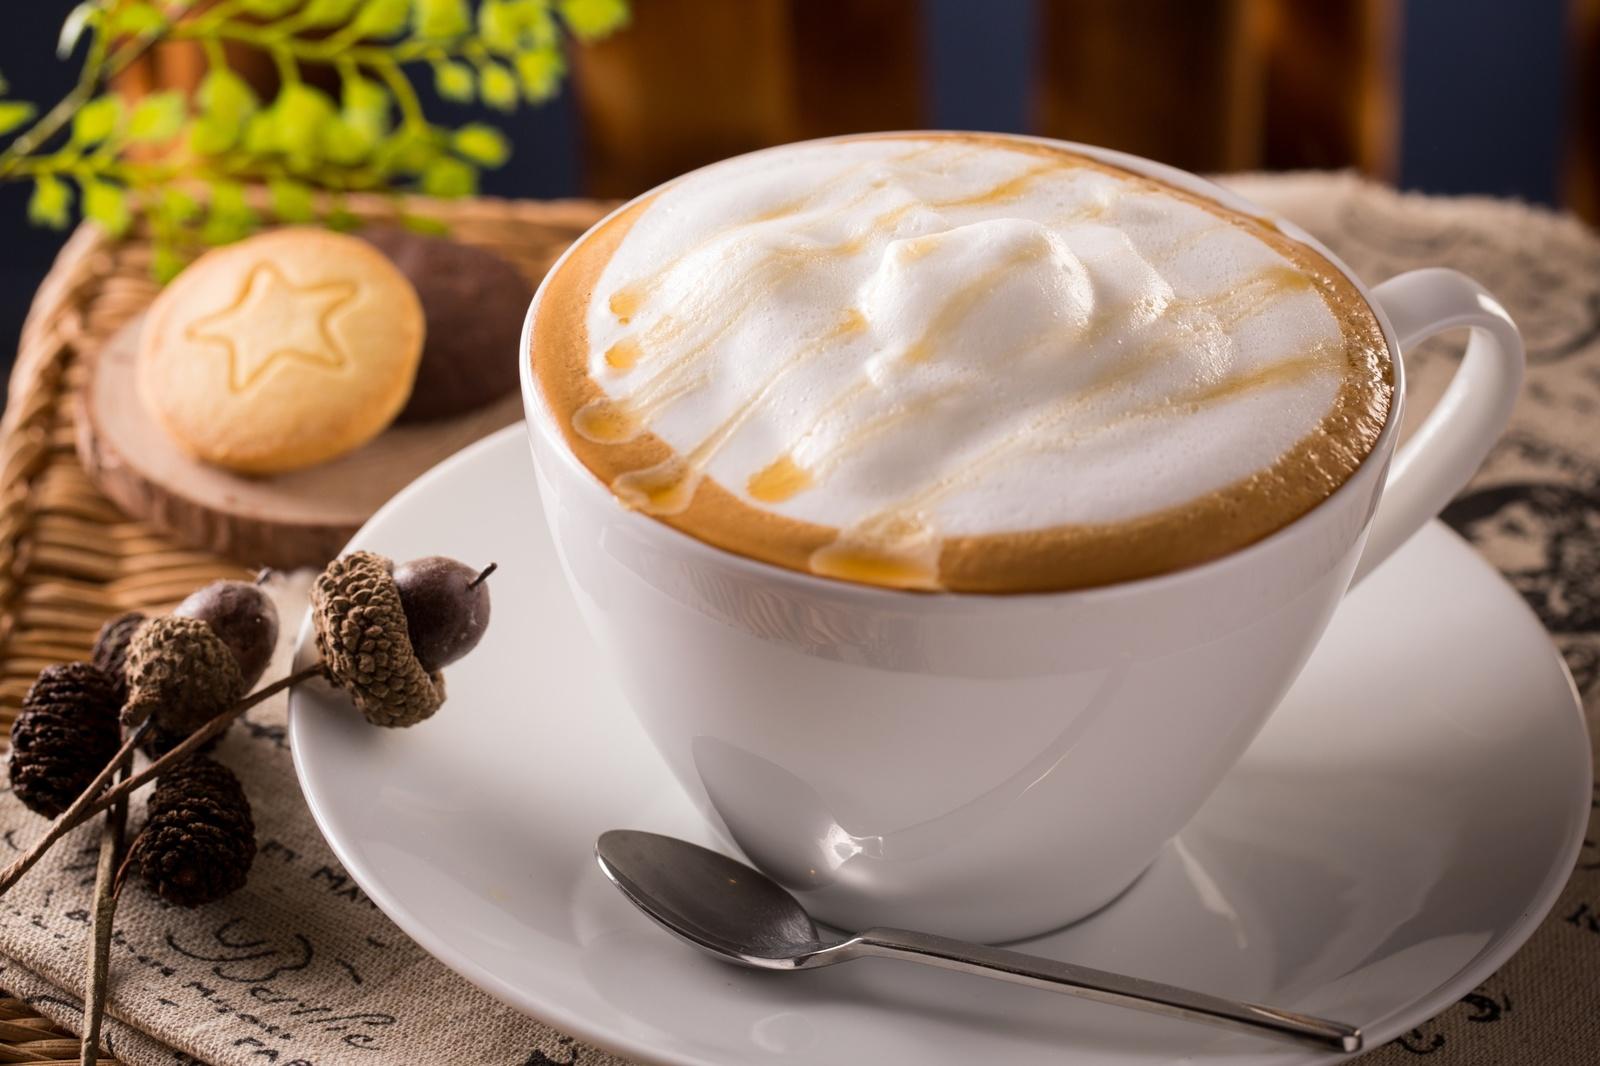 Как сделать пенку на кофе из молока фото 521